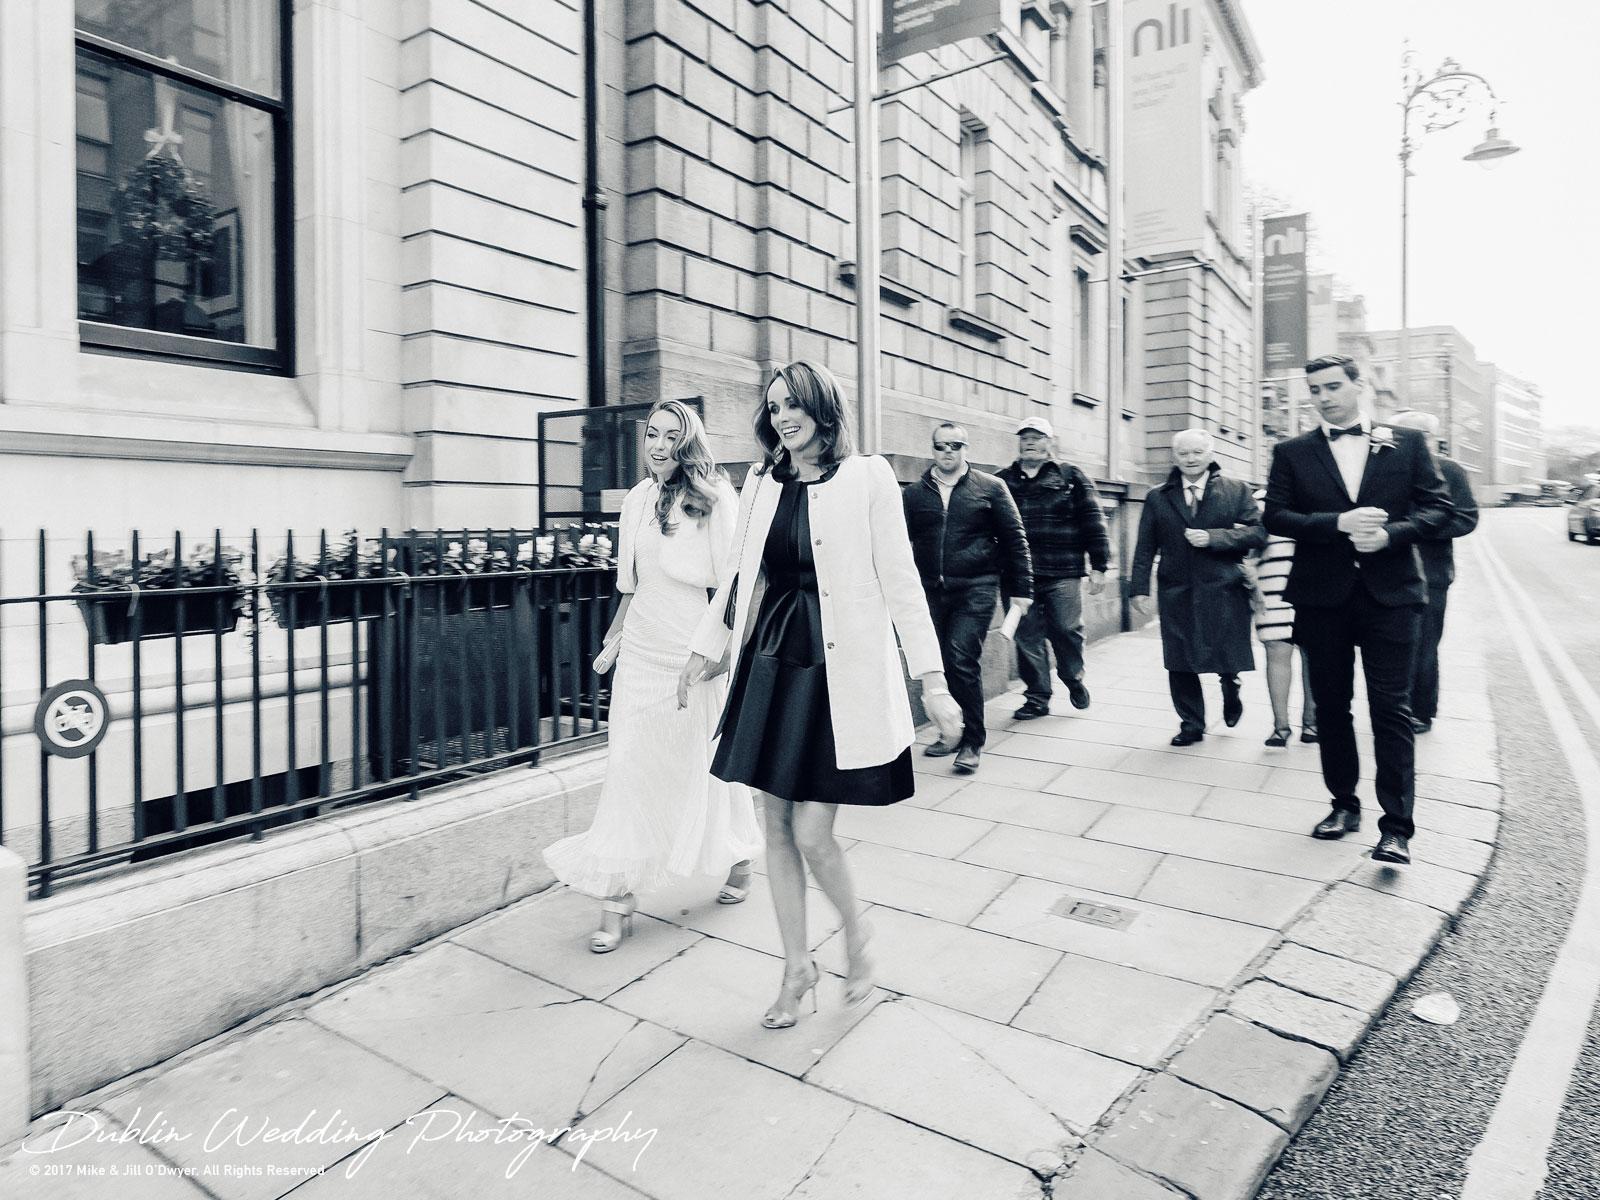 Dublin Wedding Photographer City Streets 001